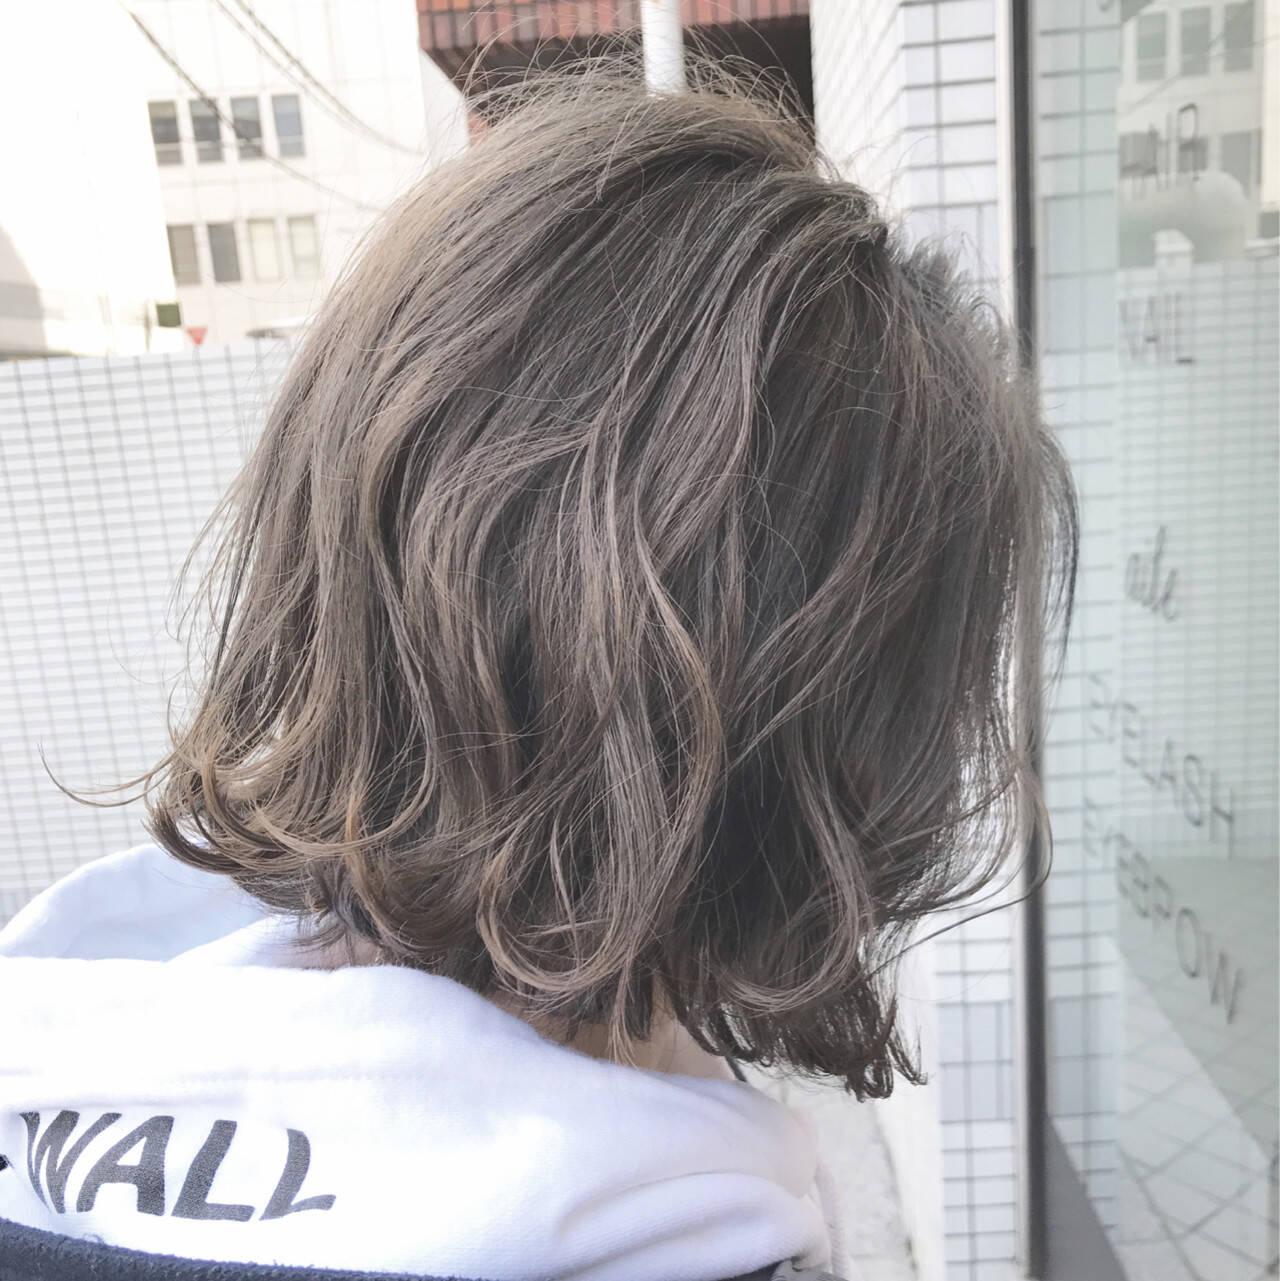 簡単ヘアアレンジ ナチュラル 切りっぱなし アッシュグレージュヘアスタイルや髪型の写真・画像